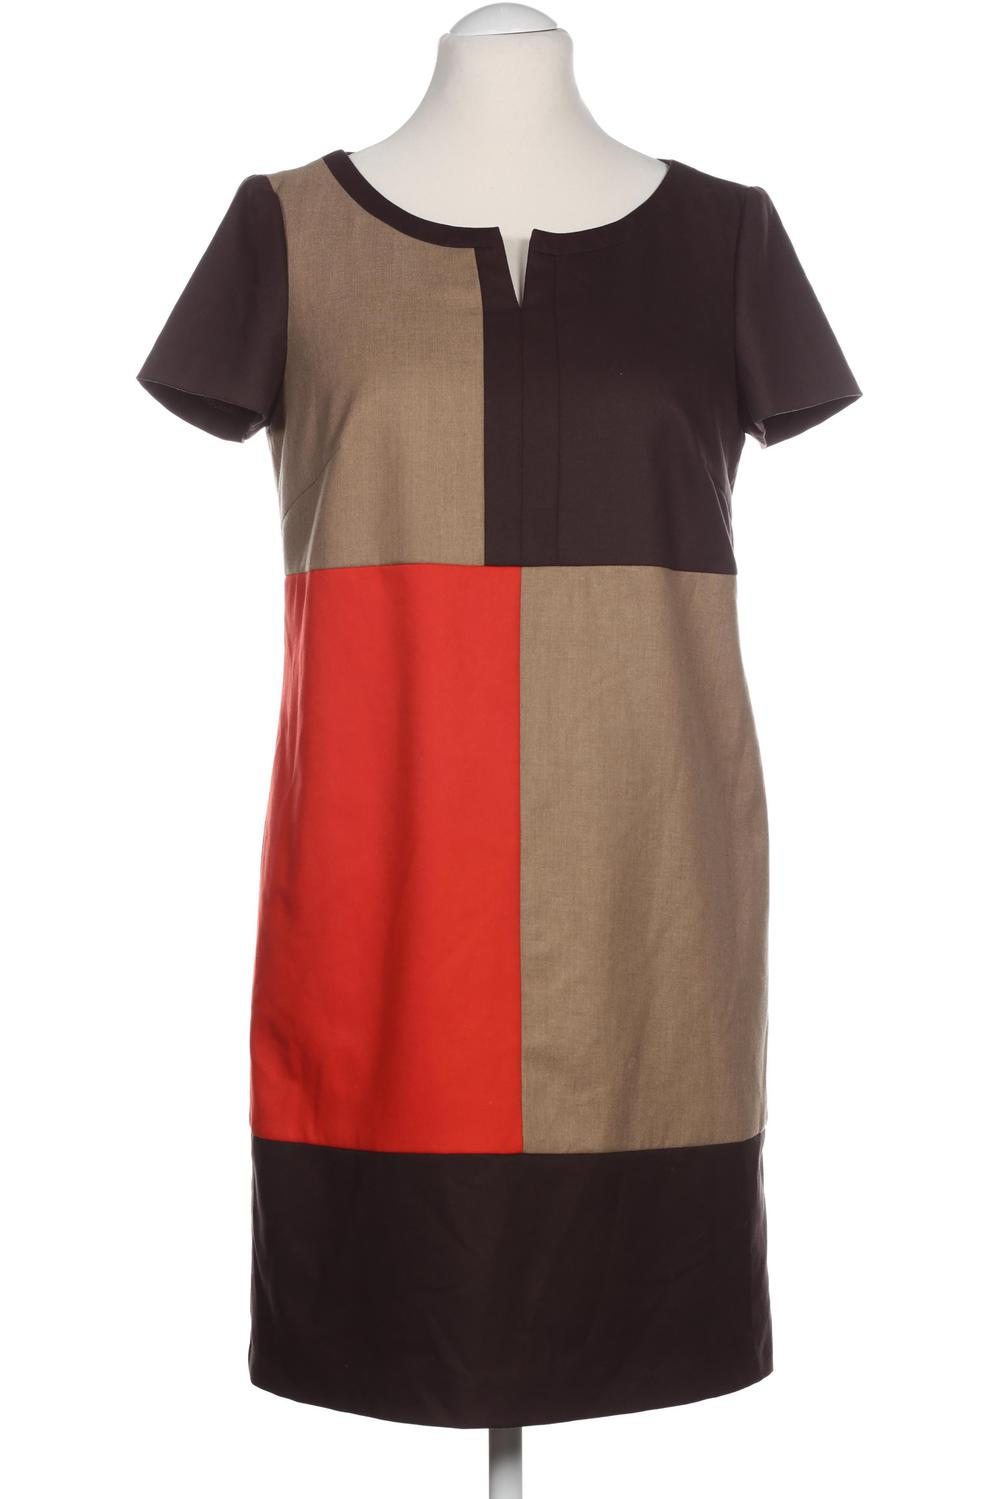 comma kleid damen dress damenkleid gr. de 40 elasthan